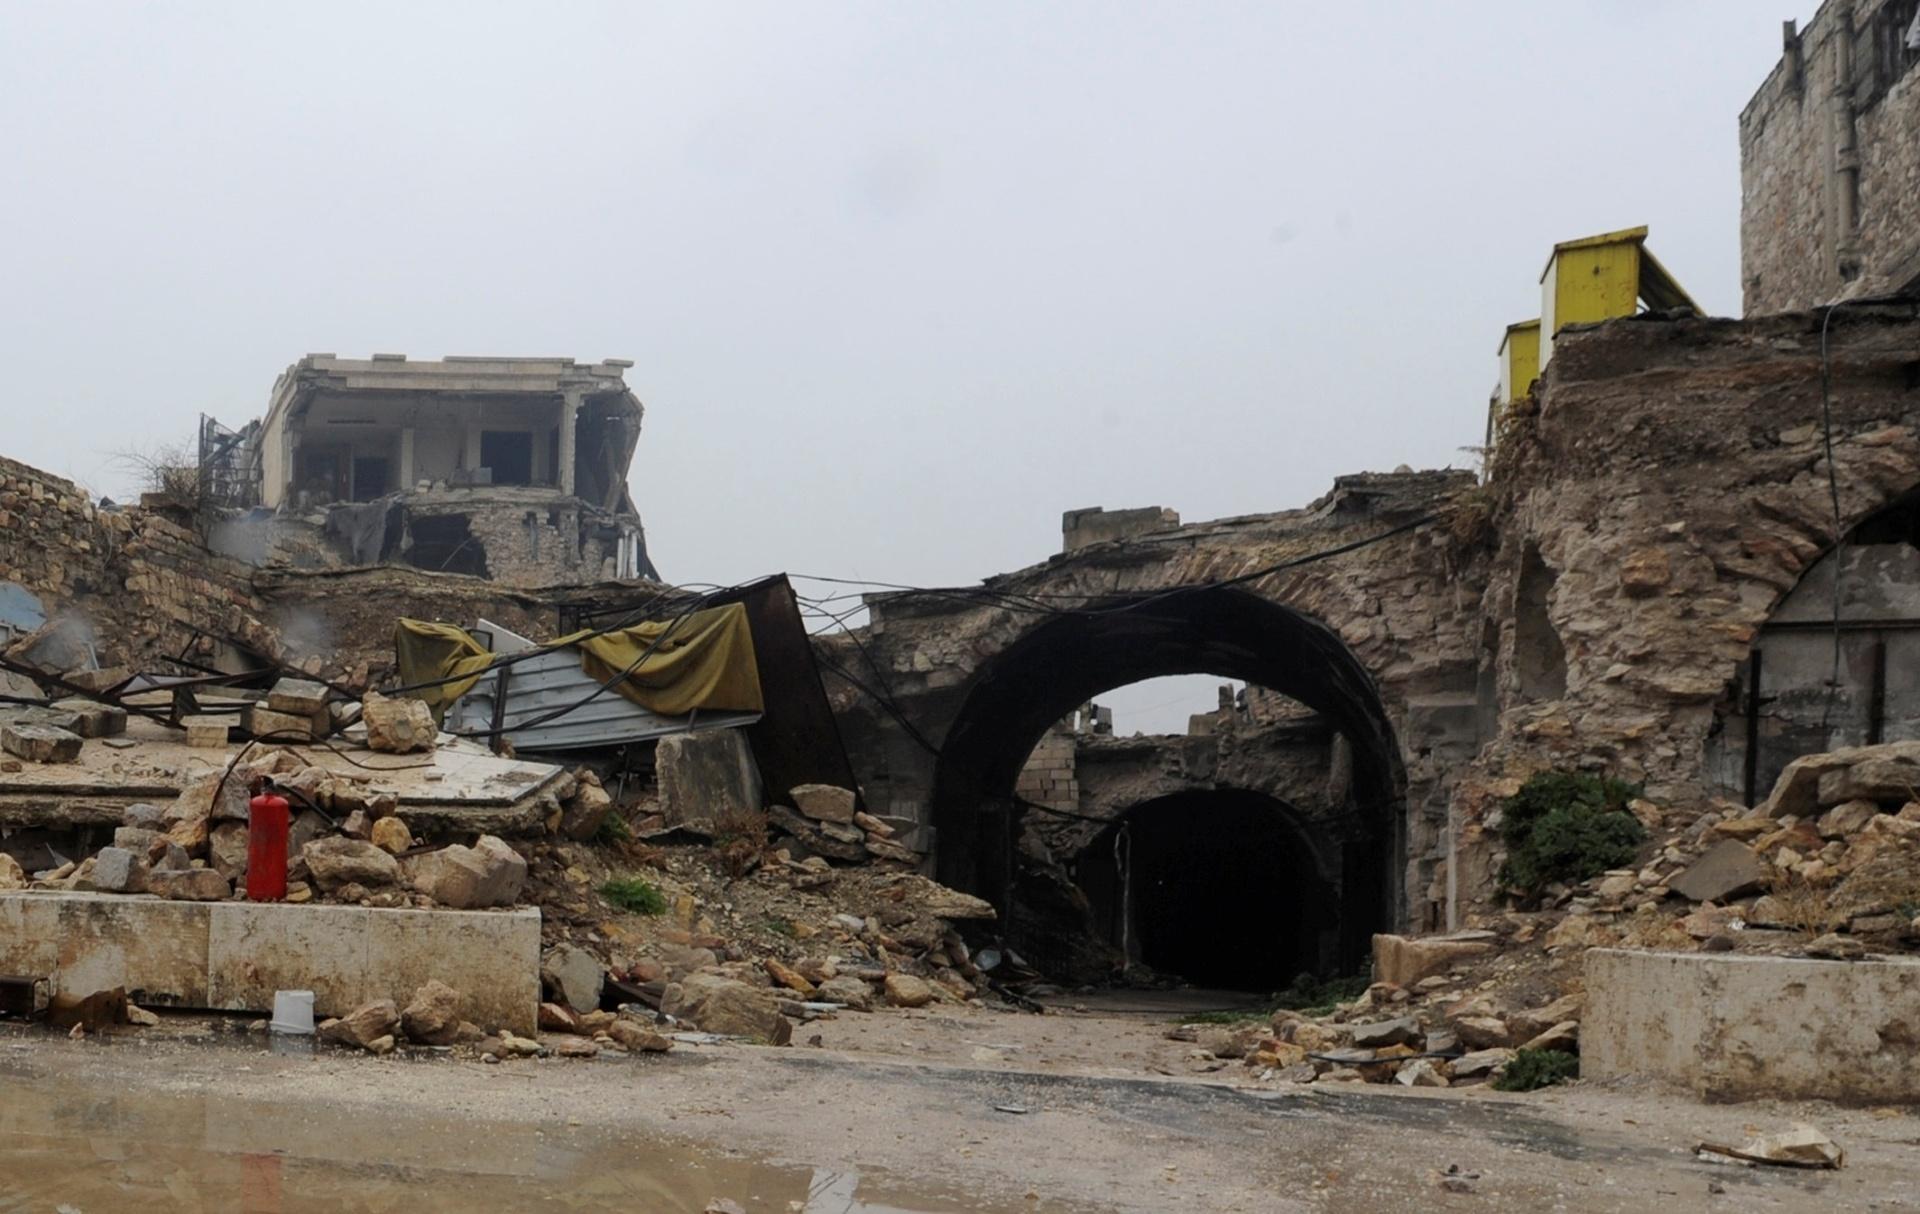 22.dez.2016 - Em visita com a imprensa pela destruída cidade de Aleppo, na Síria, um fotógrafo retratou como está a entrada de uma grande área de mercados da era islâmica, chamada de souk de al-Zarab, em dezembro de 2016